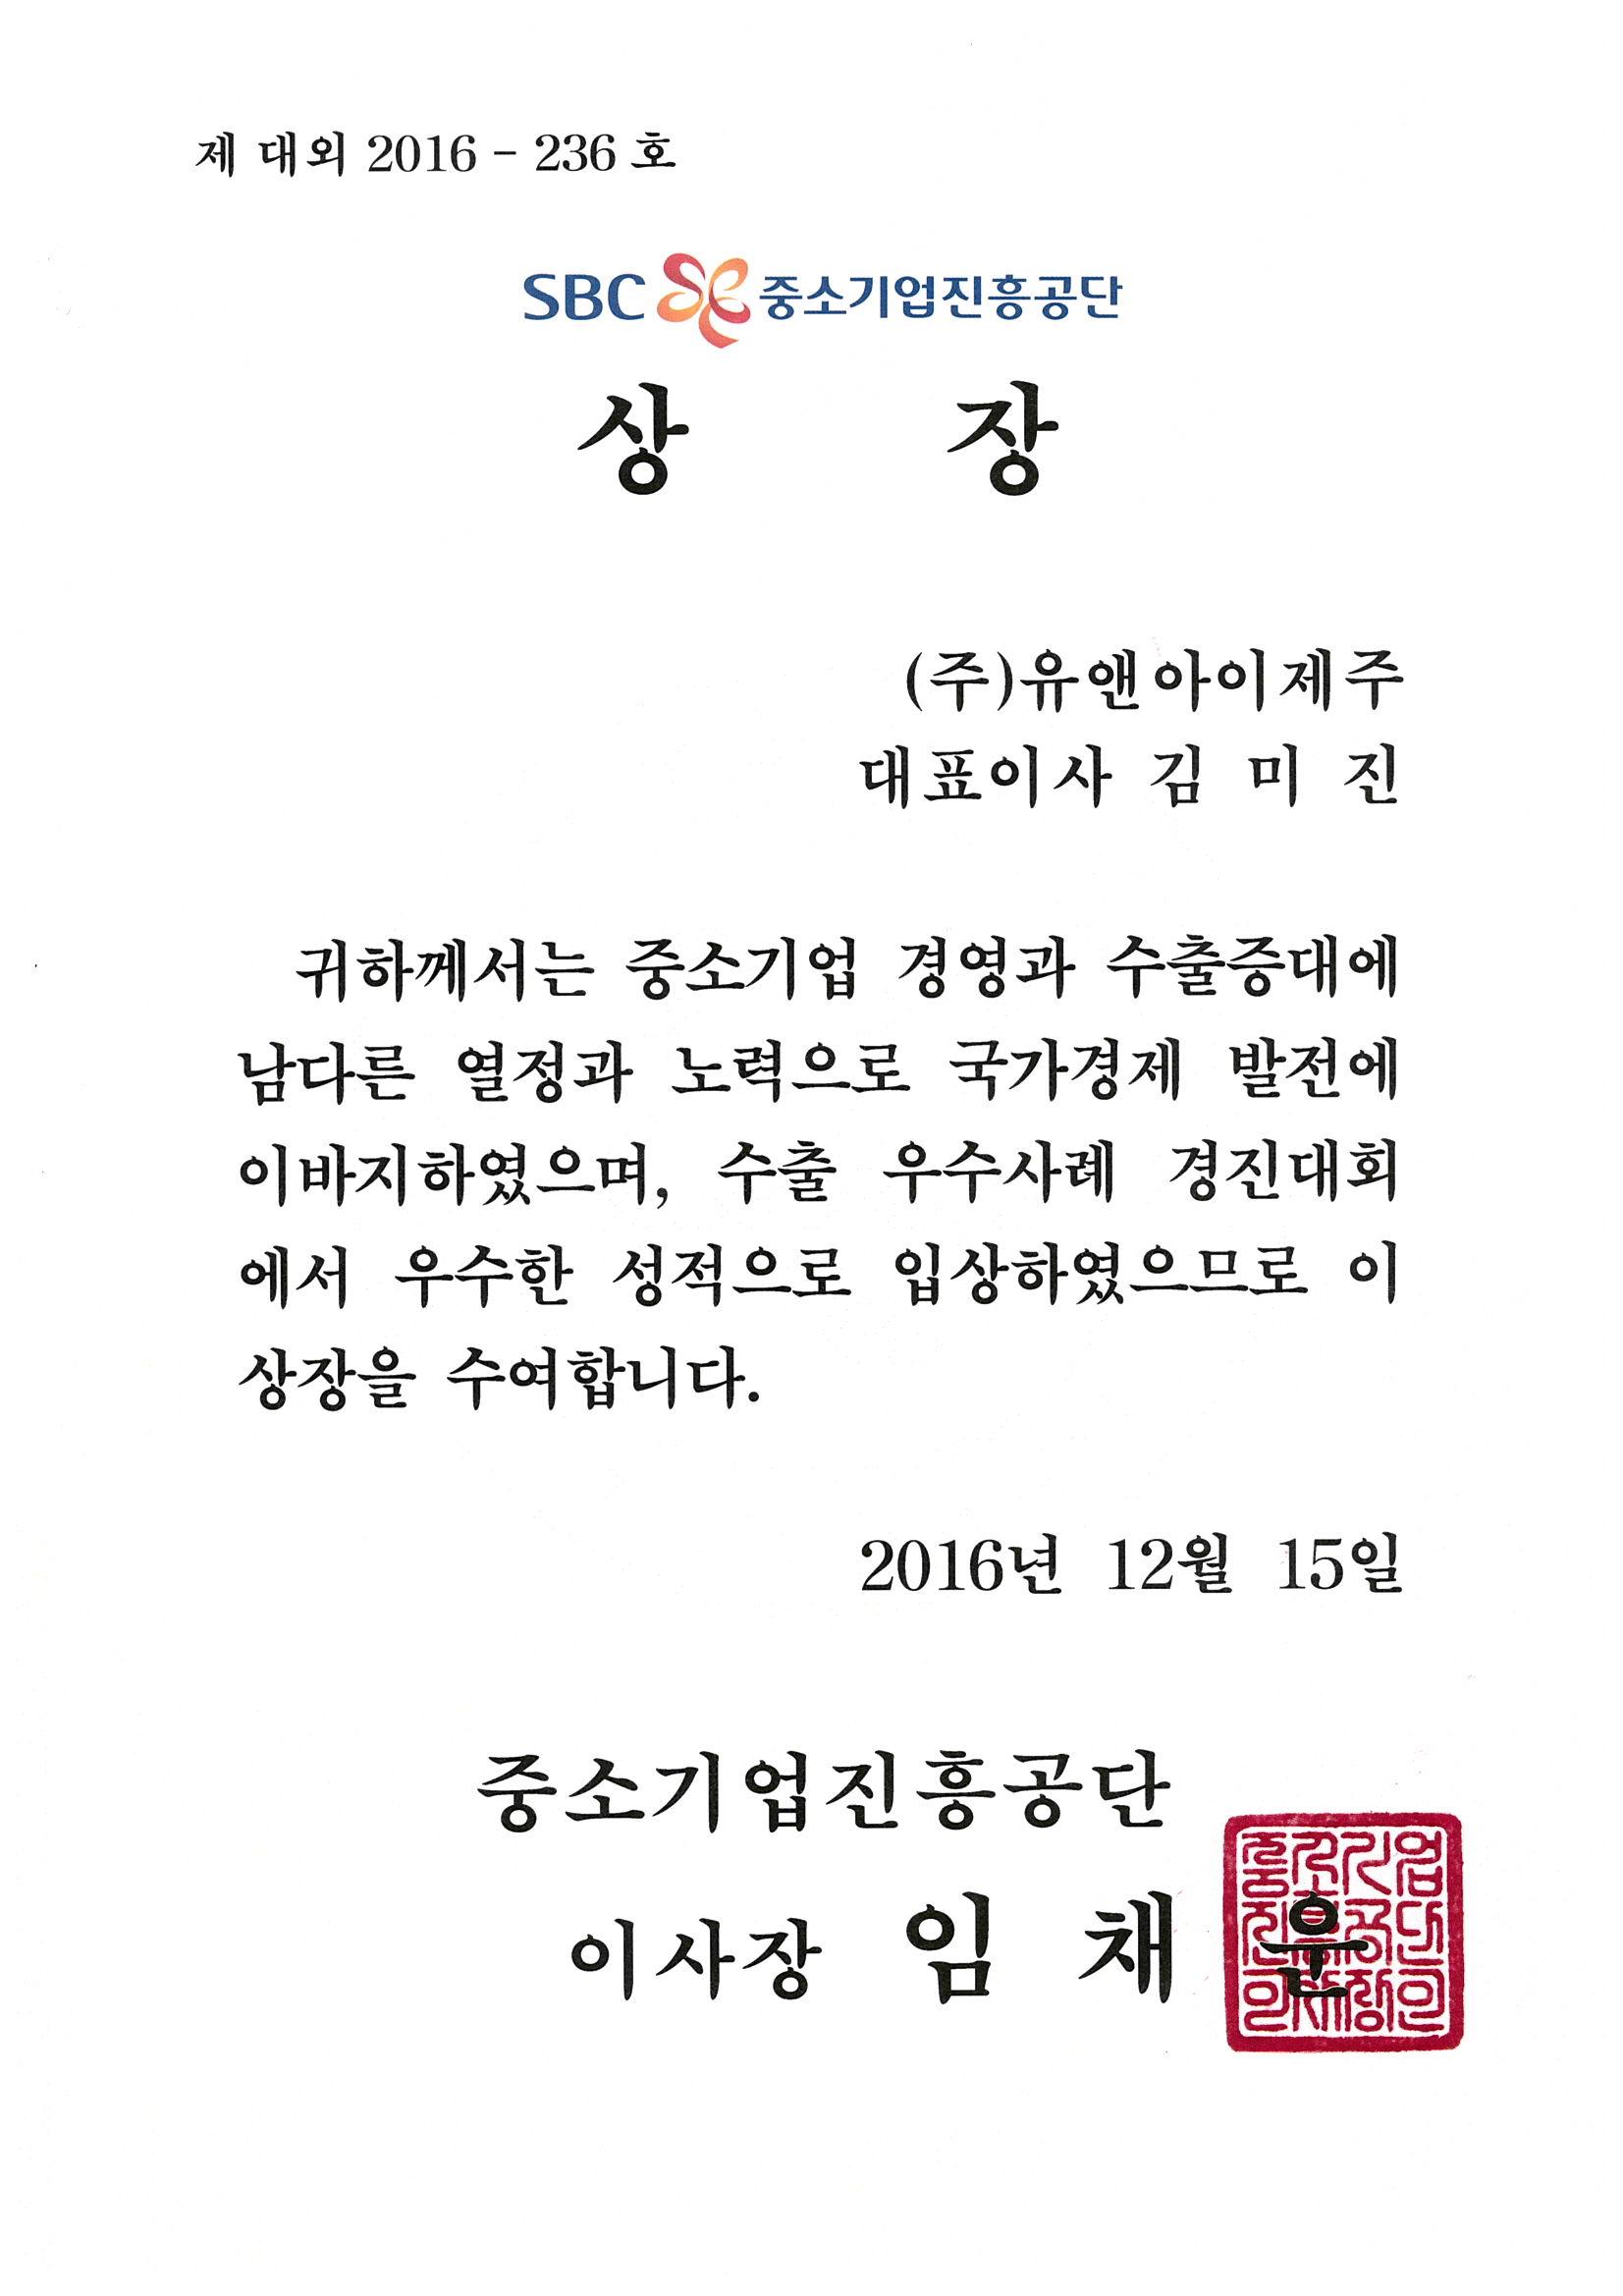 중소기업진흥공단-상장